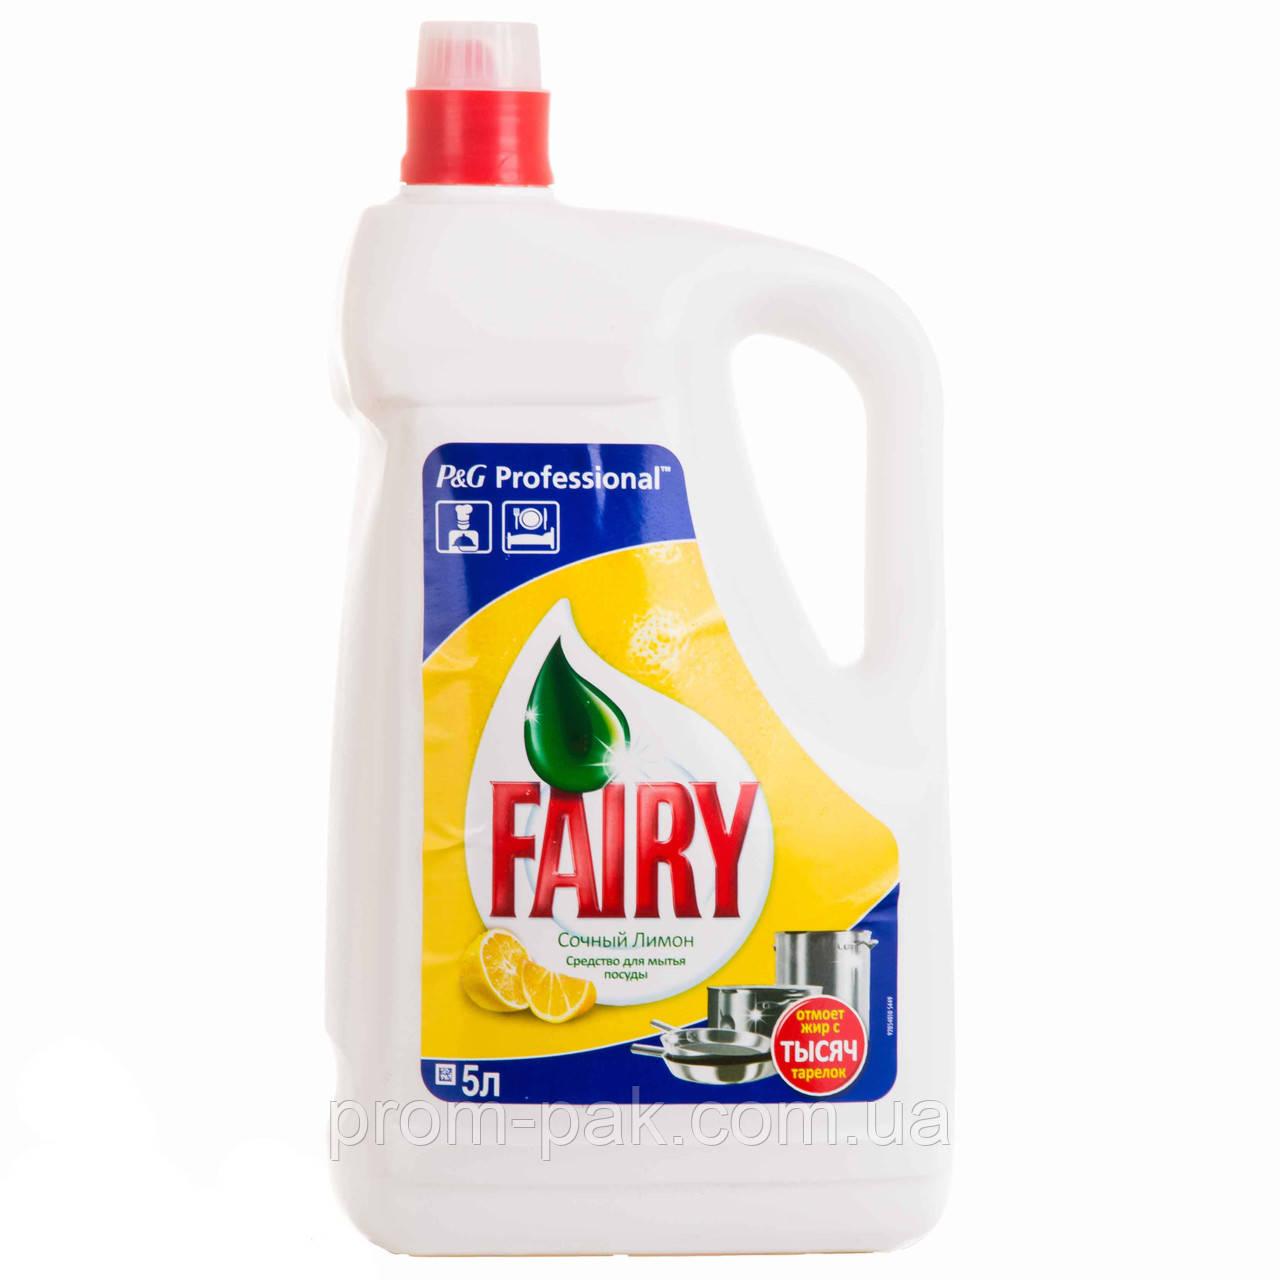 Средство моющее для посуды Fairy 5л лимон